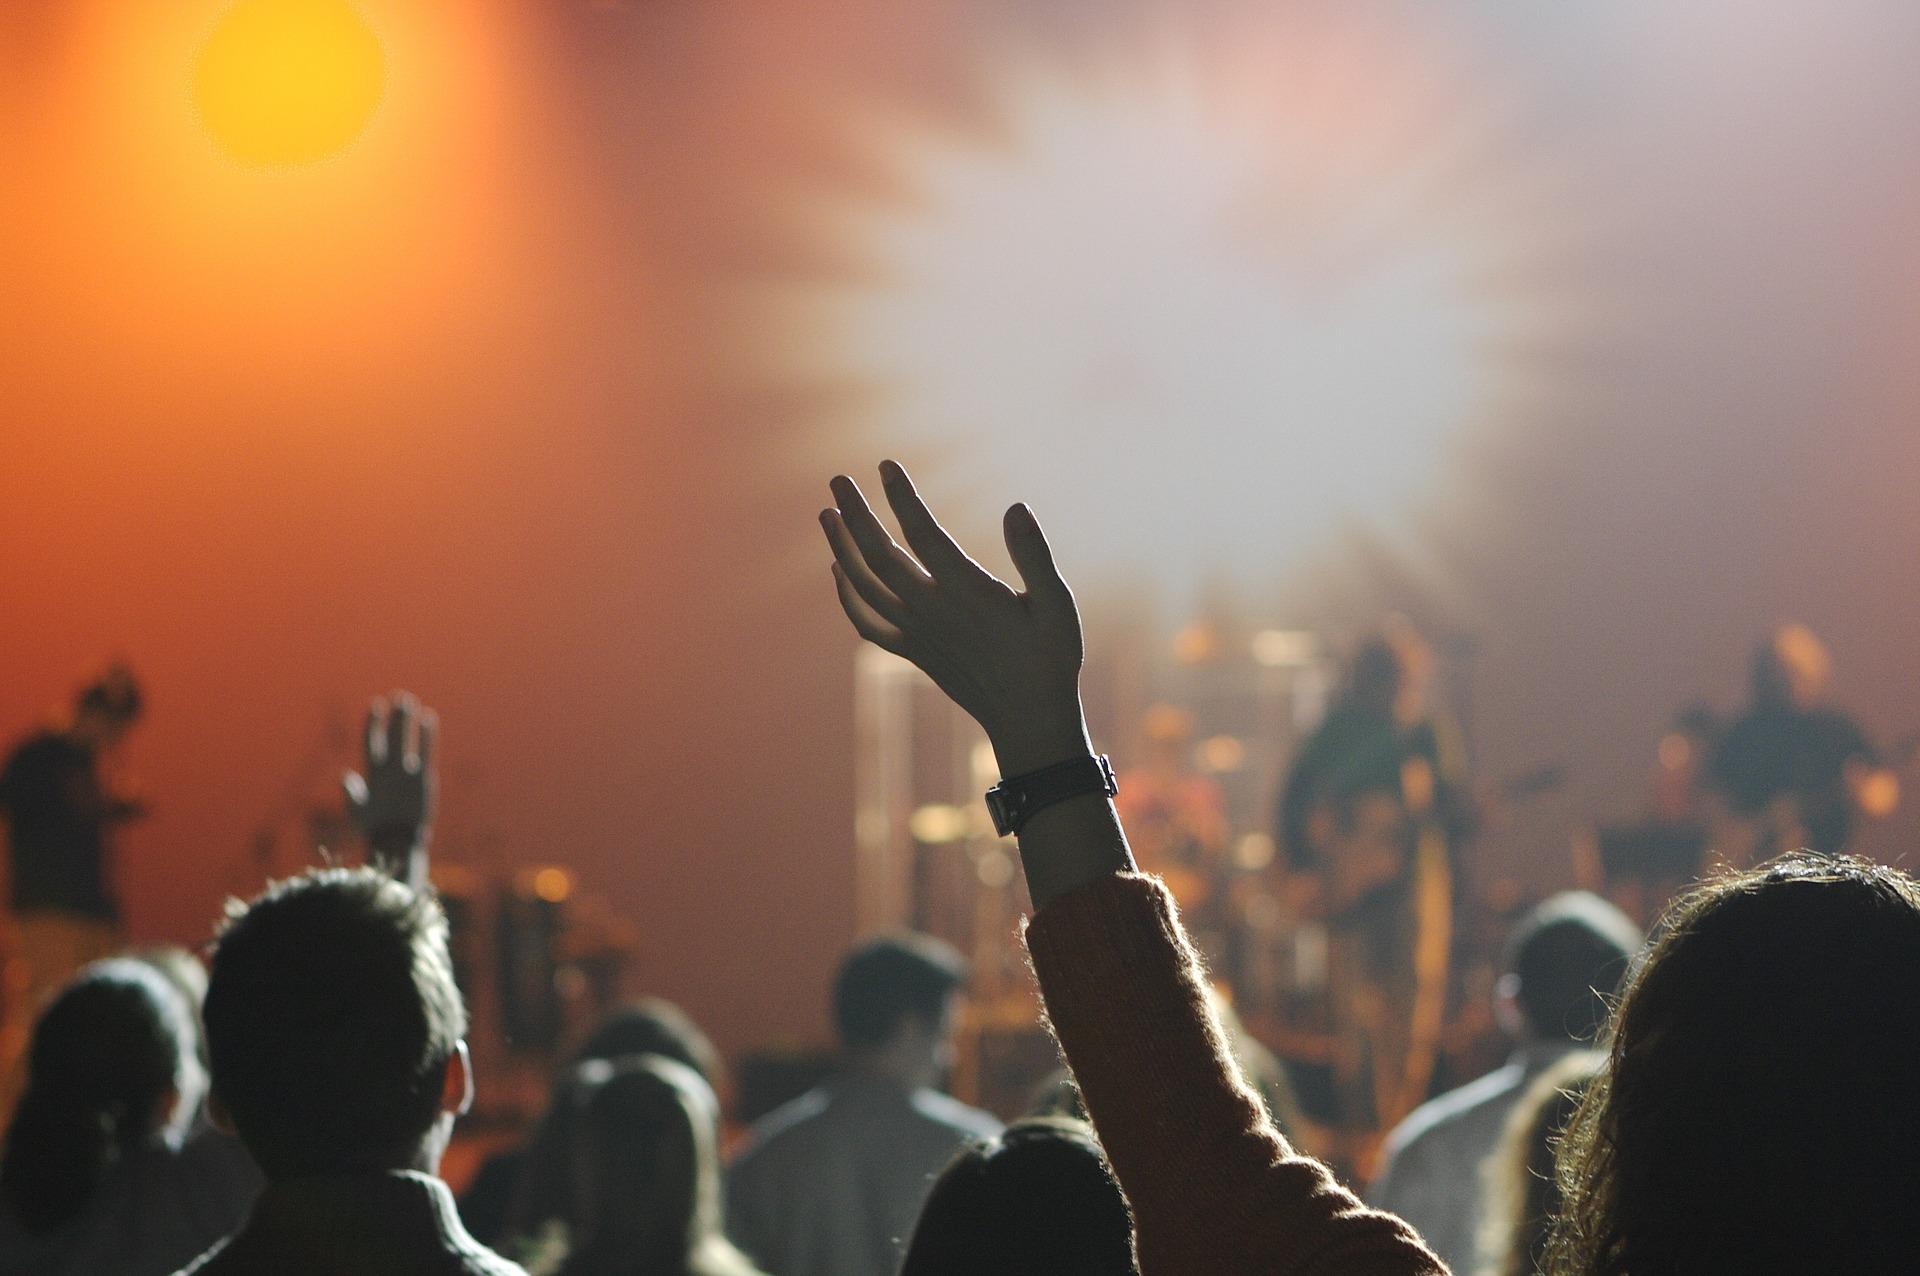 music show fans